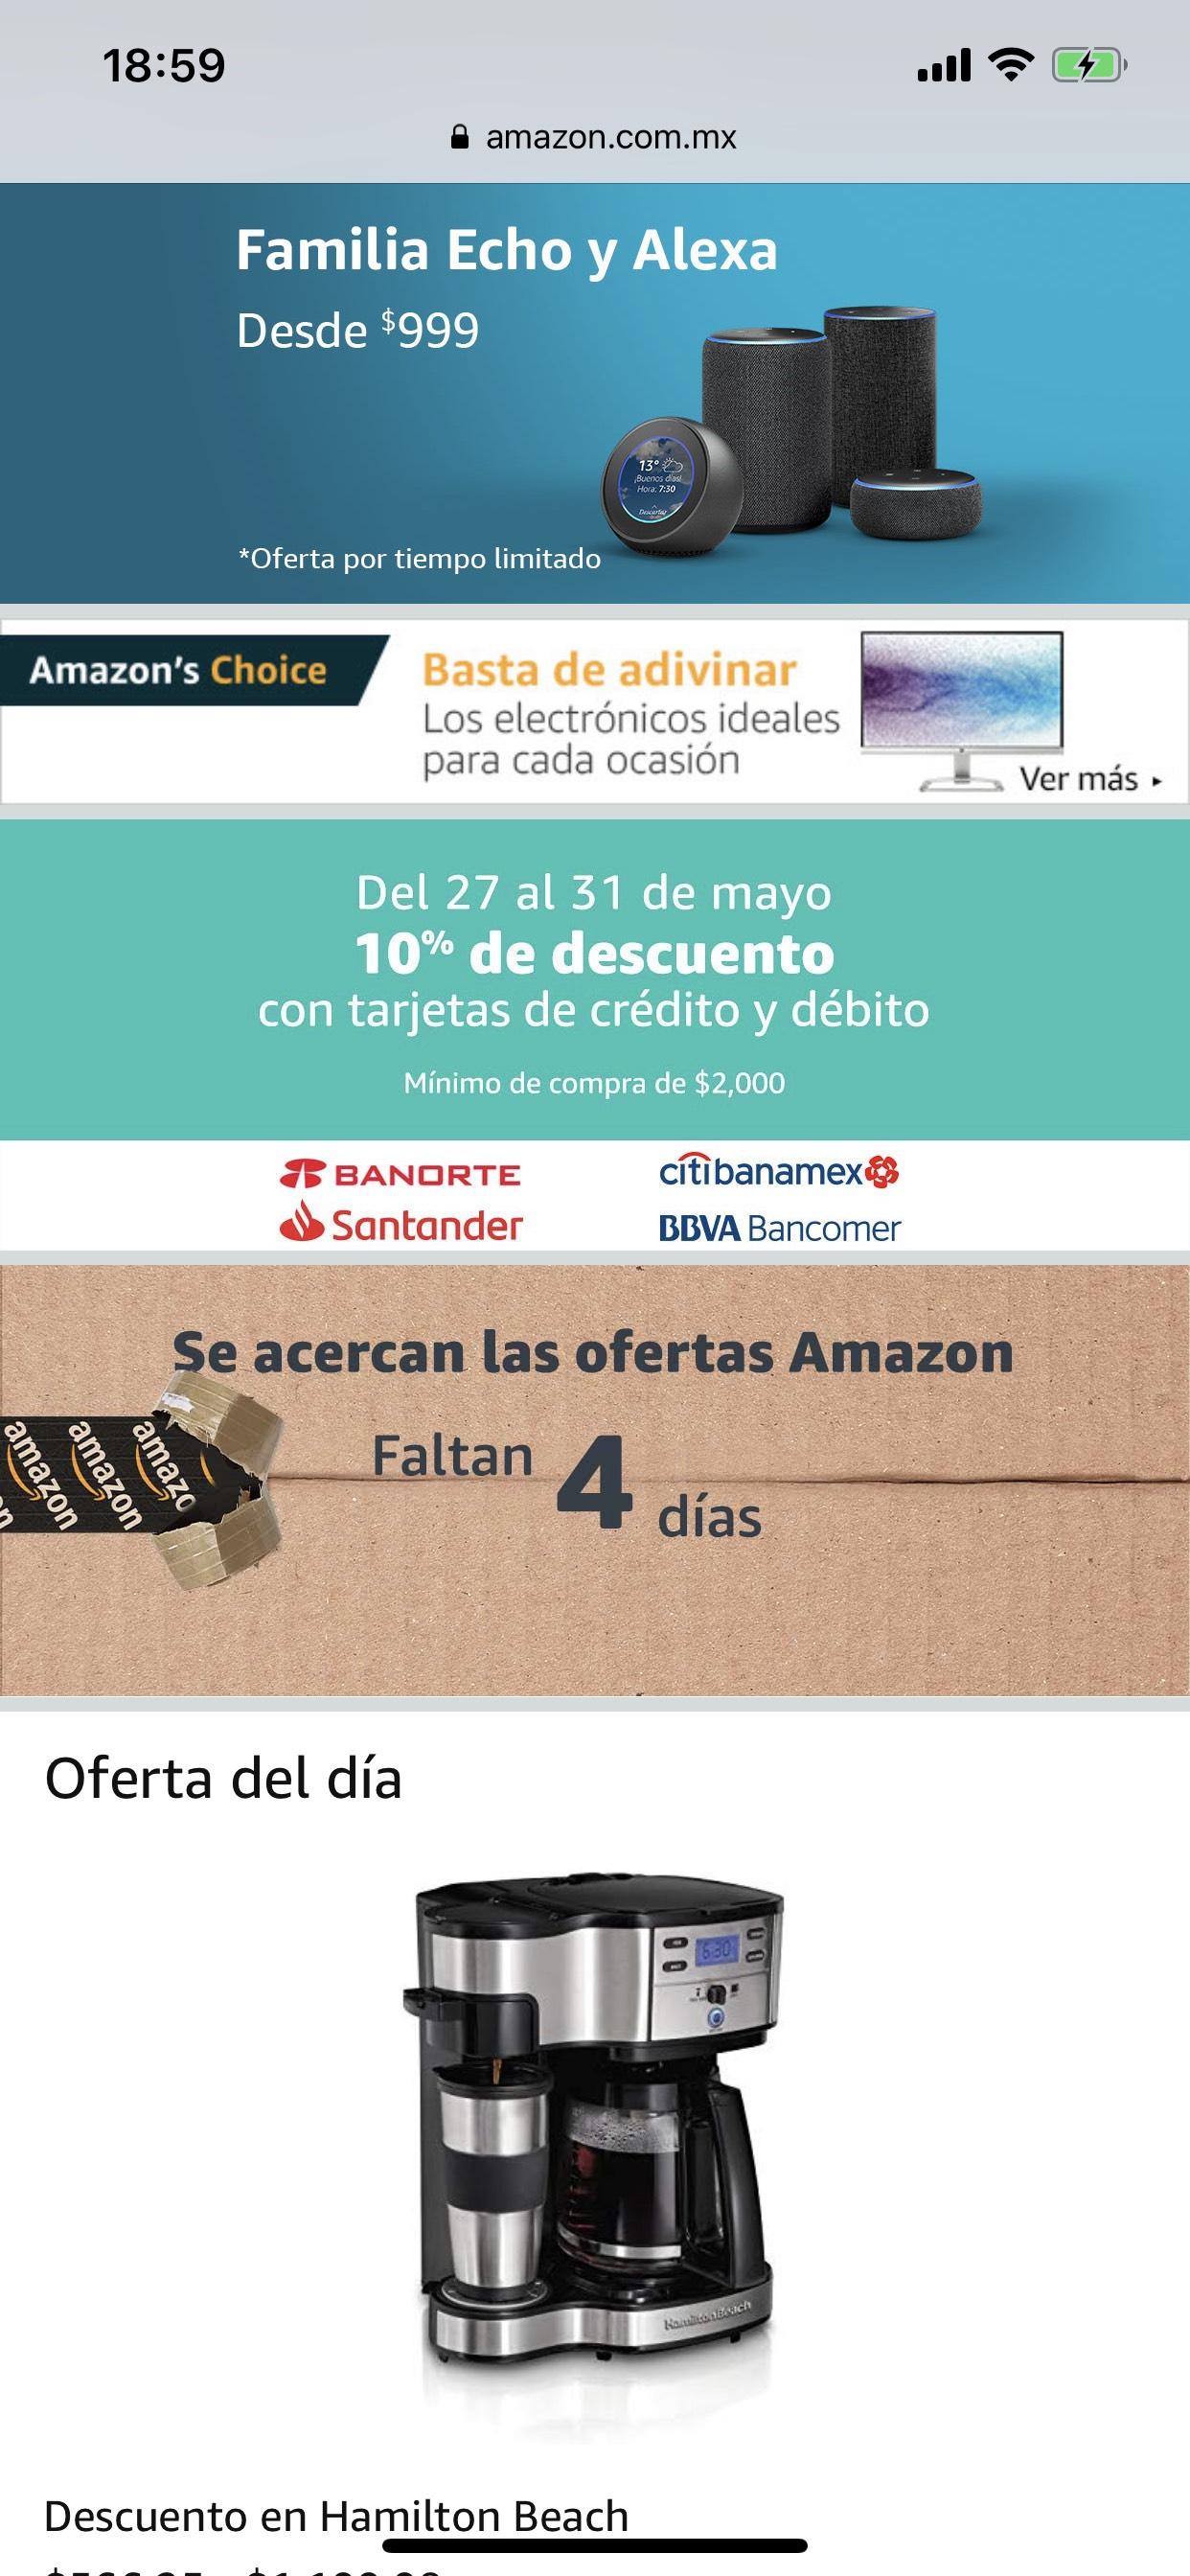 Amazon: 10% de descuento en Hot Sale con tarjetas participantes (Banorte, Santander, Citibanamex, BBVA Bancomer)